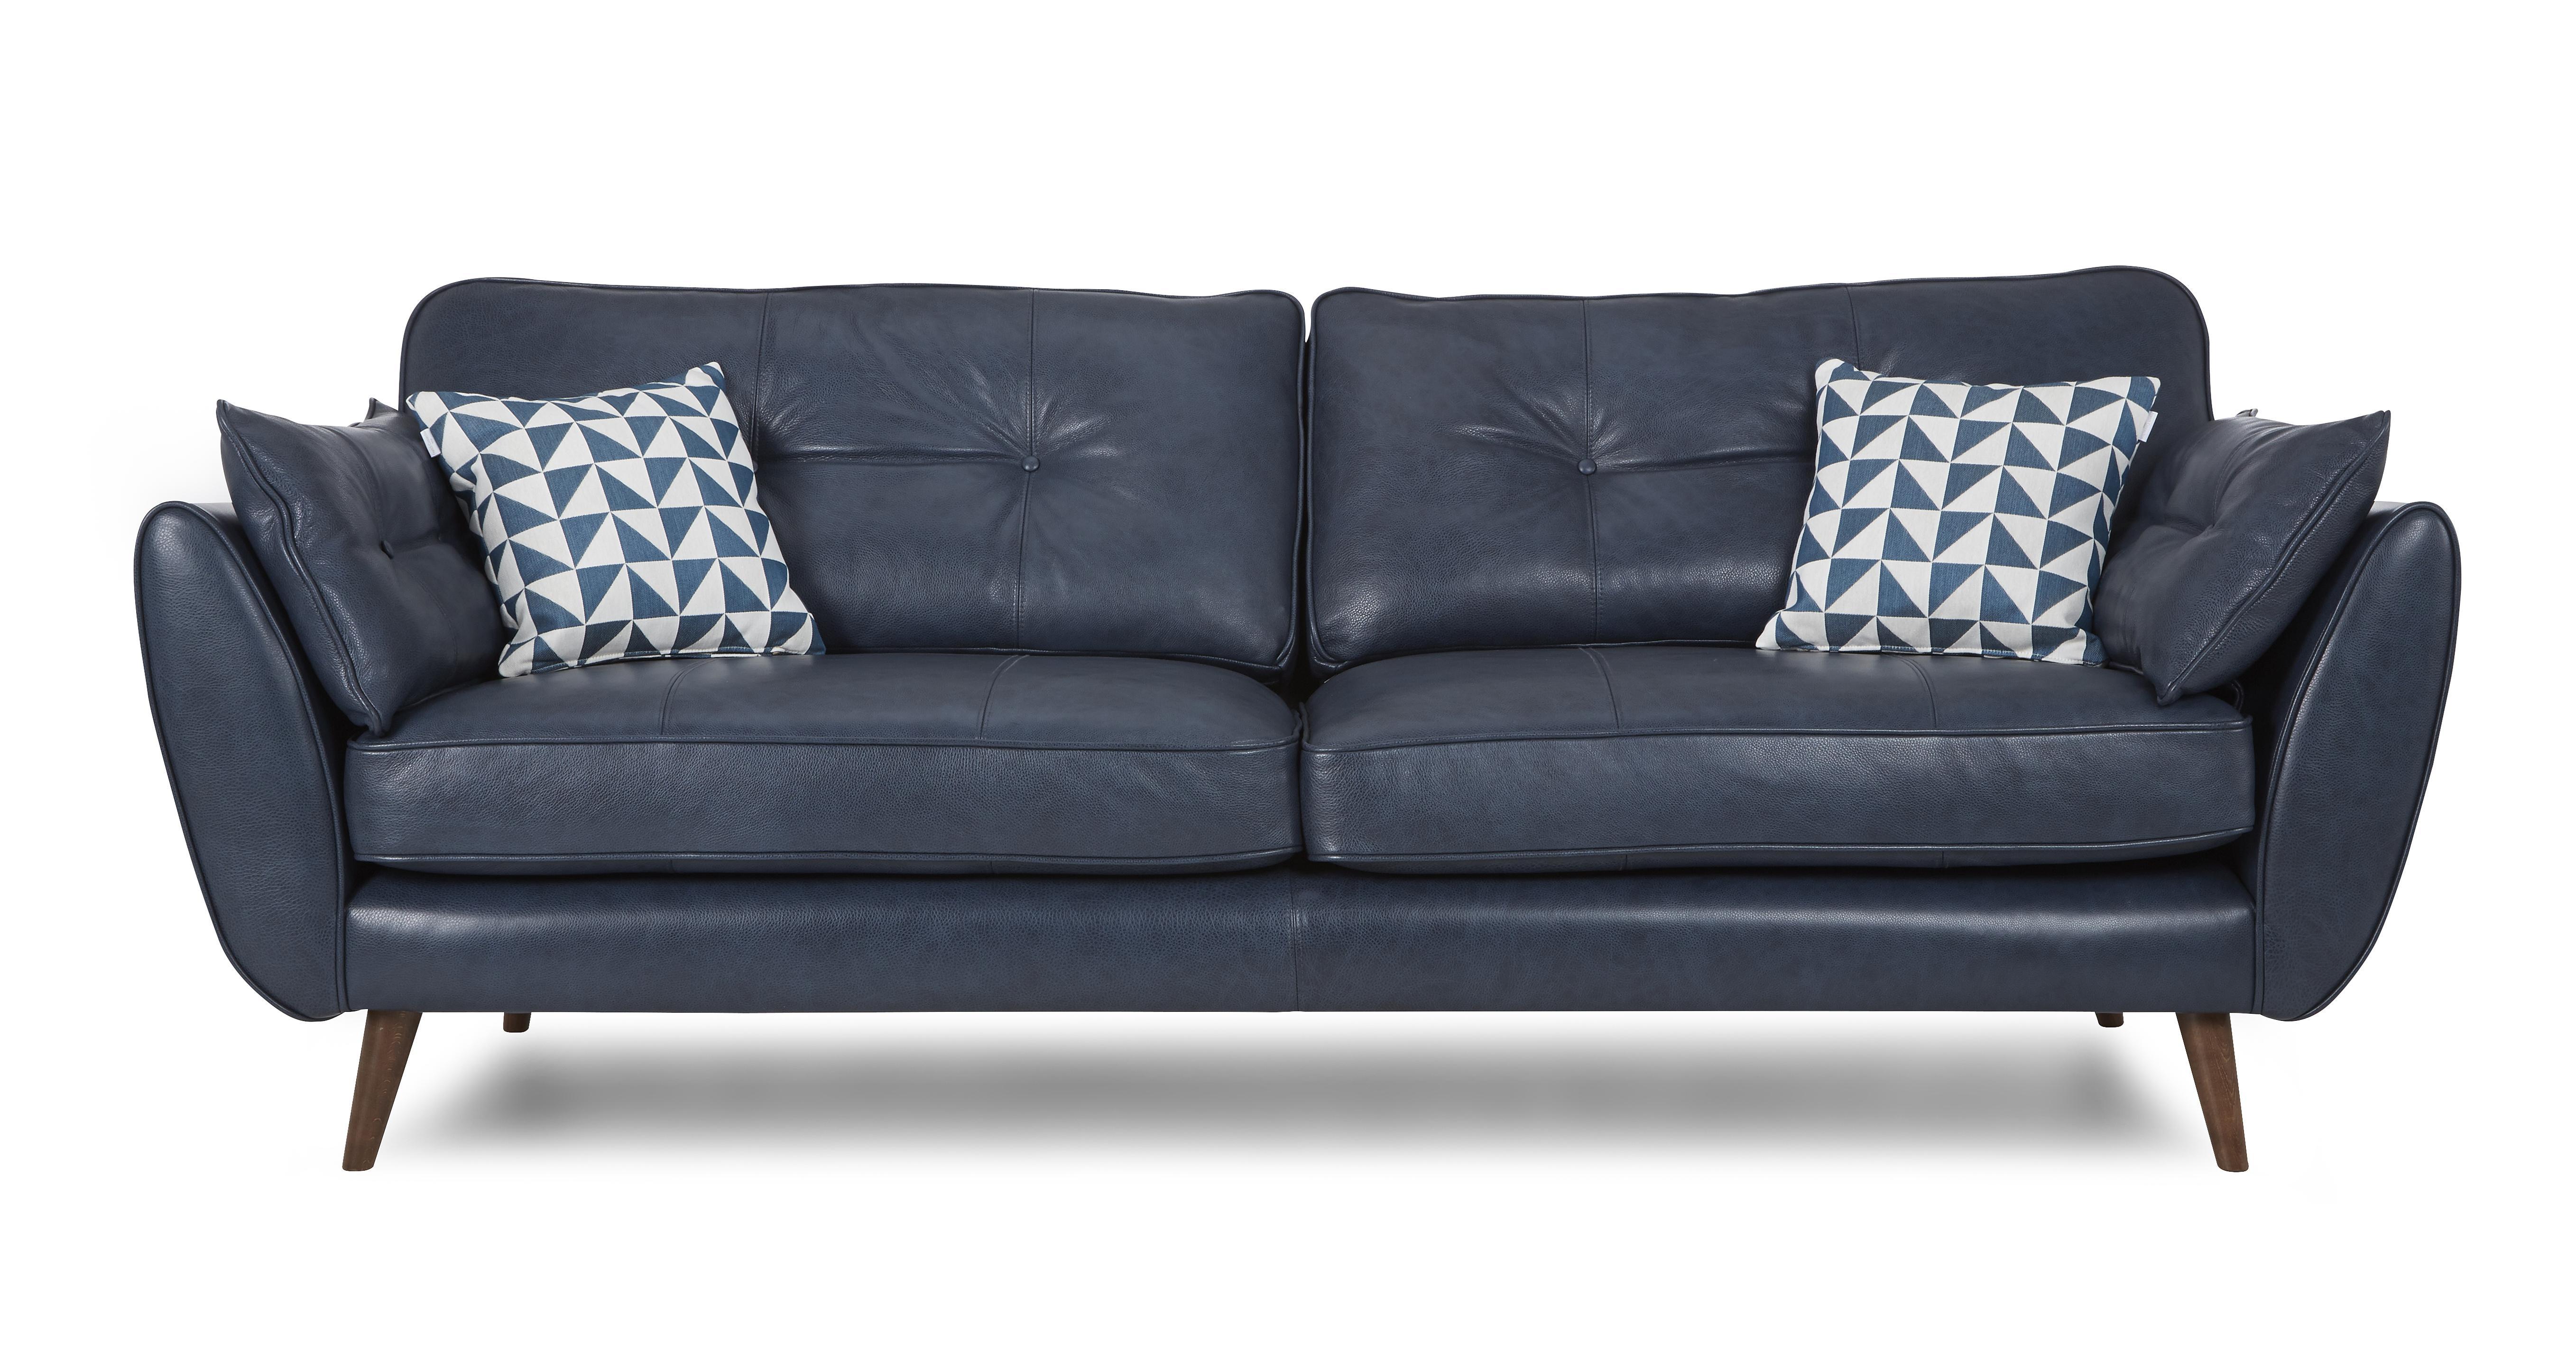 dfs sophia sofa reviews tiny sectional leather sofas | brokeasshome.com